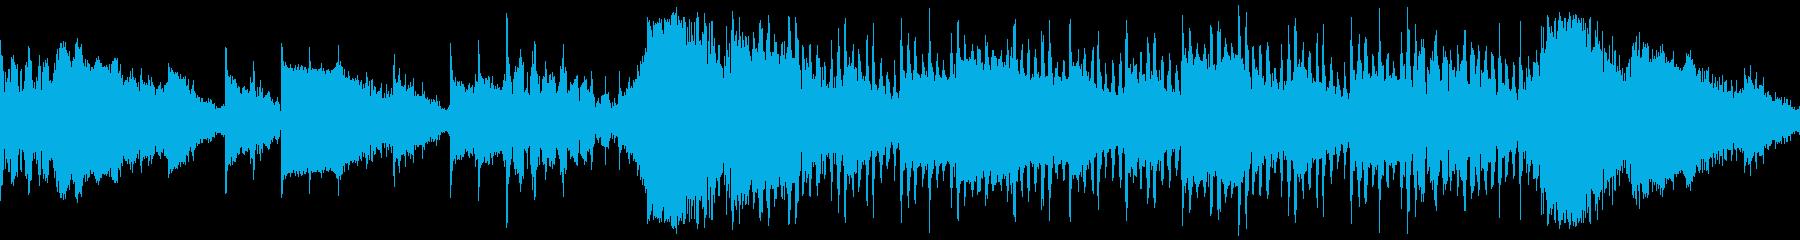 【ループ仕様】ゲーム・ダンジョン・古代の再生済みの波形